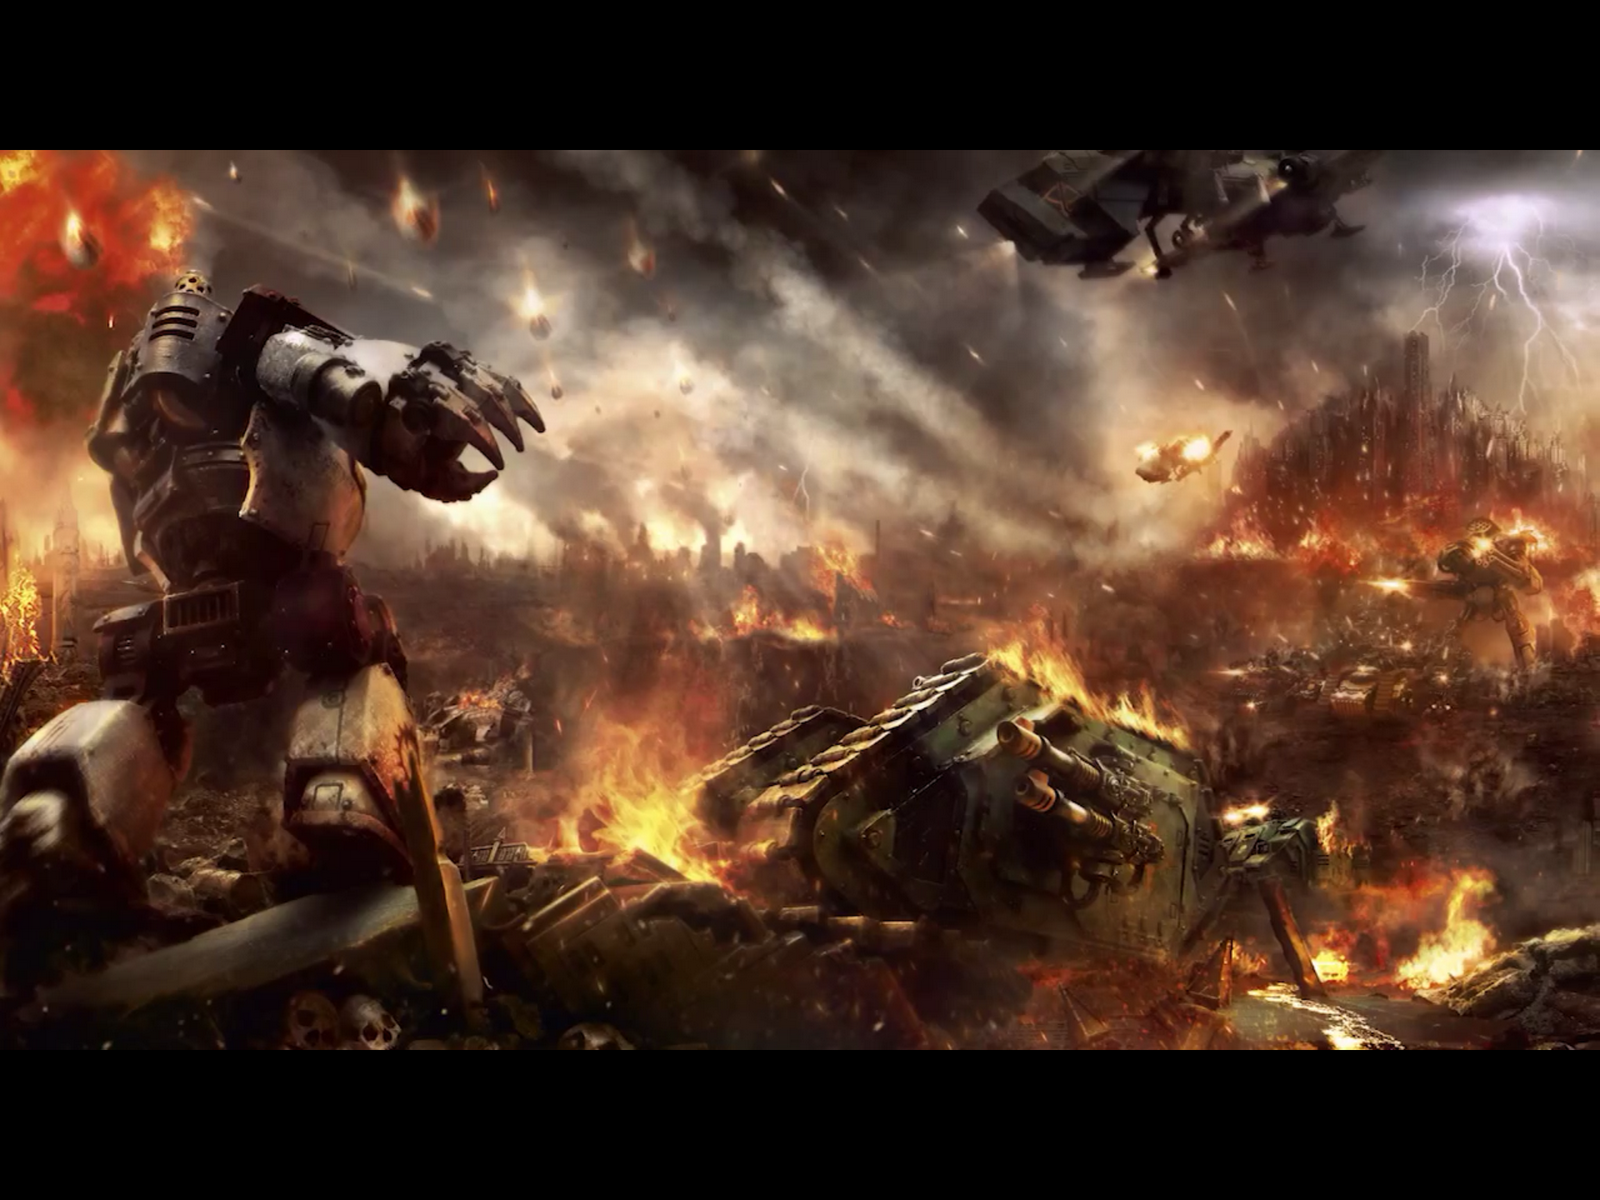 forge_world_horus_heresy_book_1_betrayal_artwork.PNG